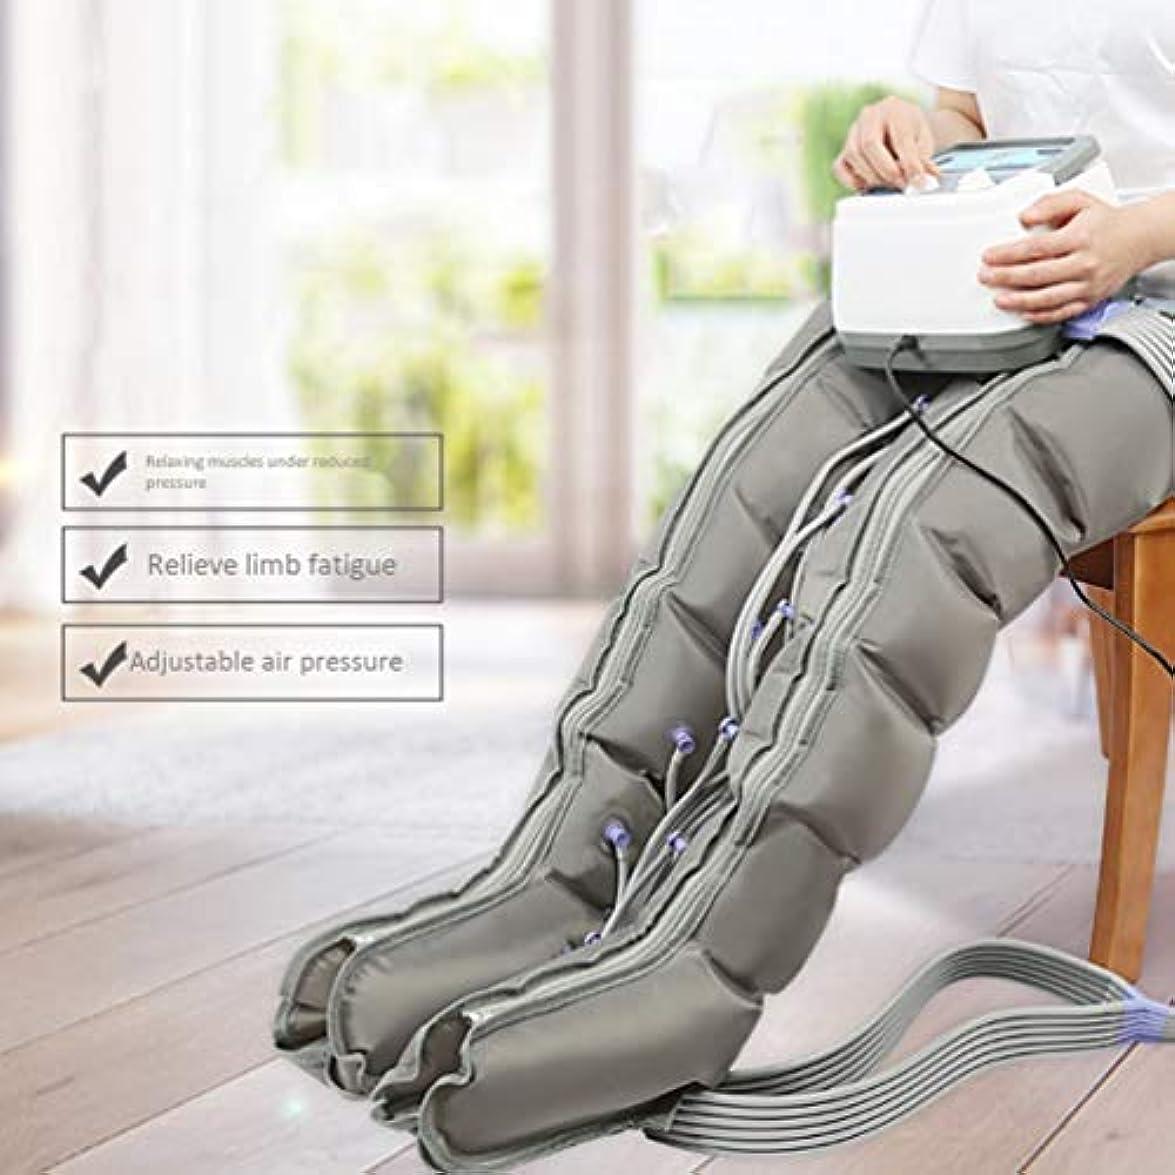 ルアー枯渇広く空気圧縮脚マッサージ機足とふくらはぎの足の太もものマッサージでふくらはぎの循環ブースターは腫れや浮腫の痛みを助ける(6つのキャビティ)